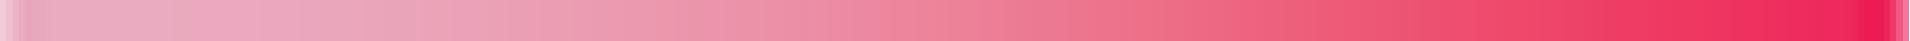 Rango de Color con Colorantes naturales Alimentarios con Betanina